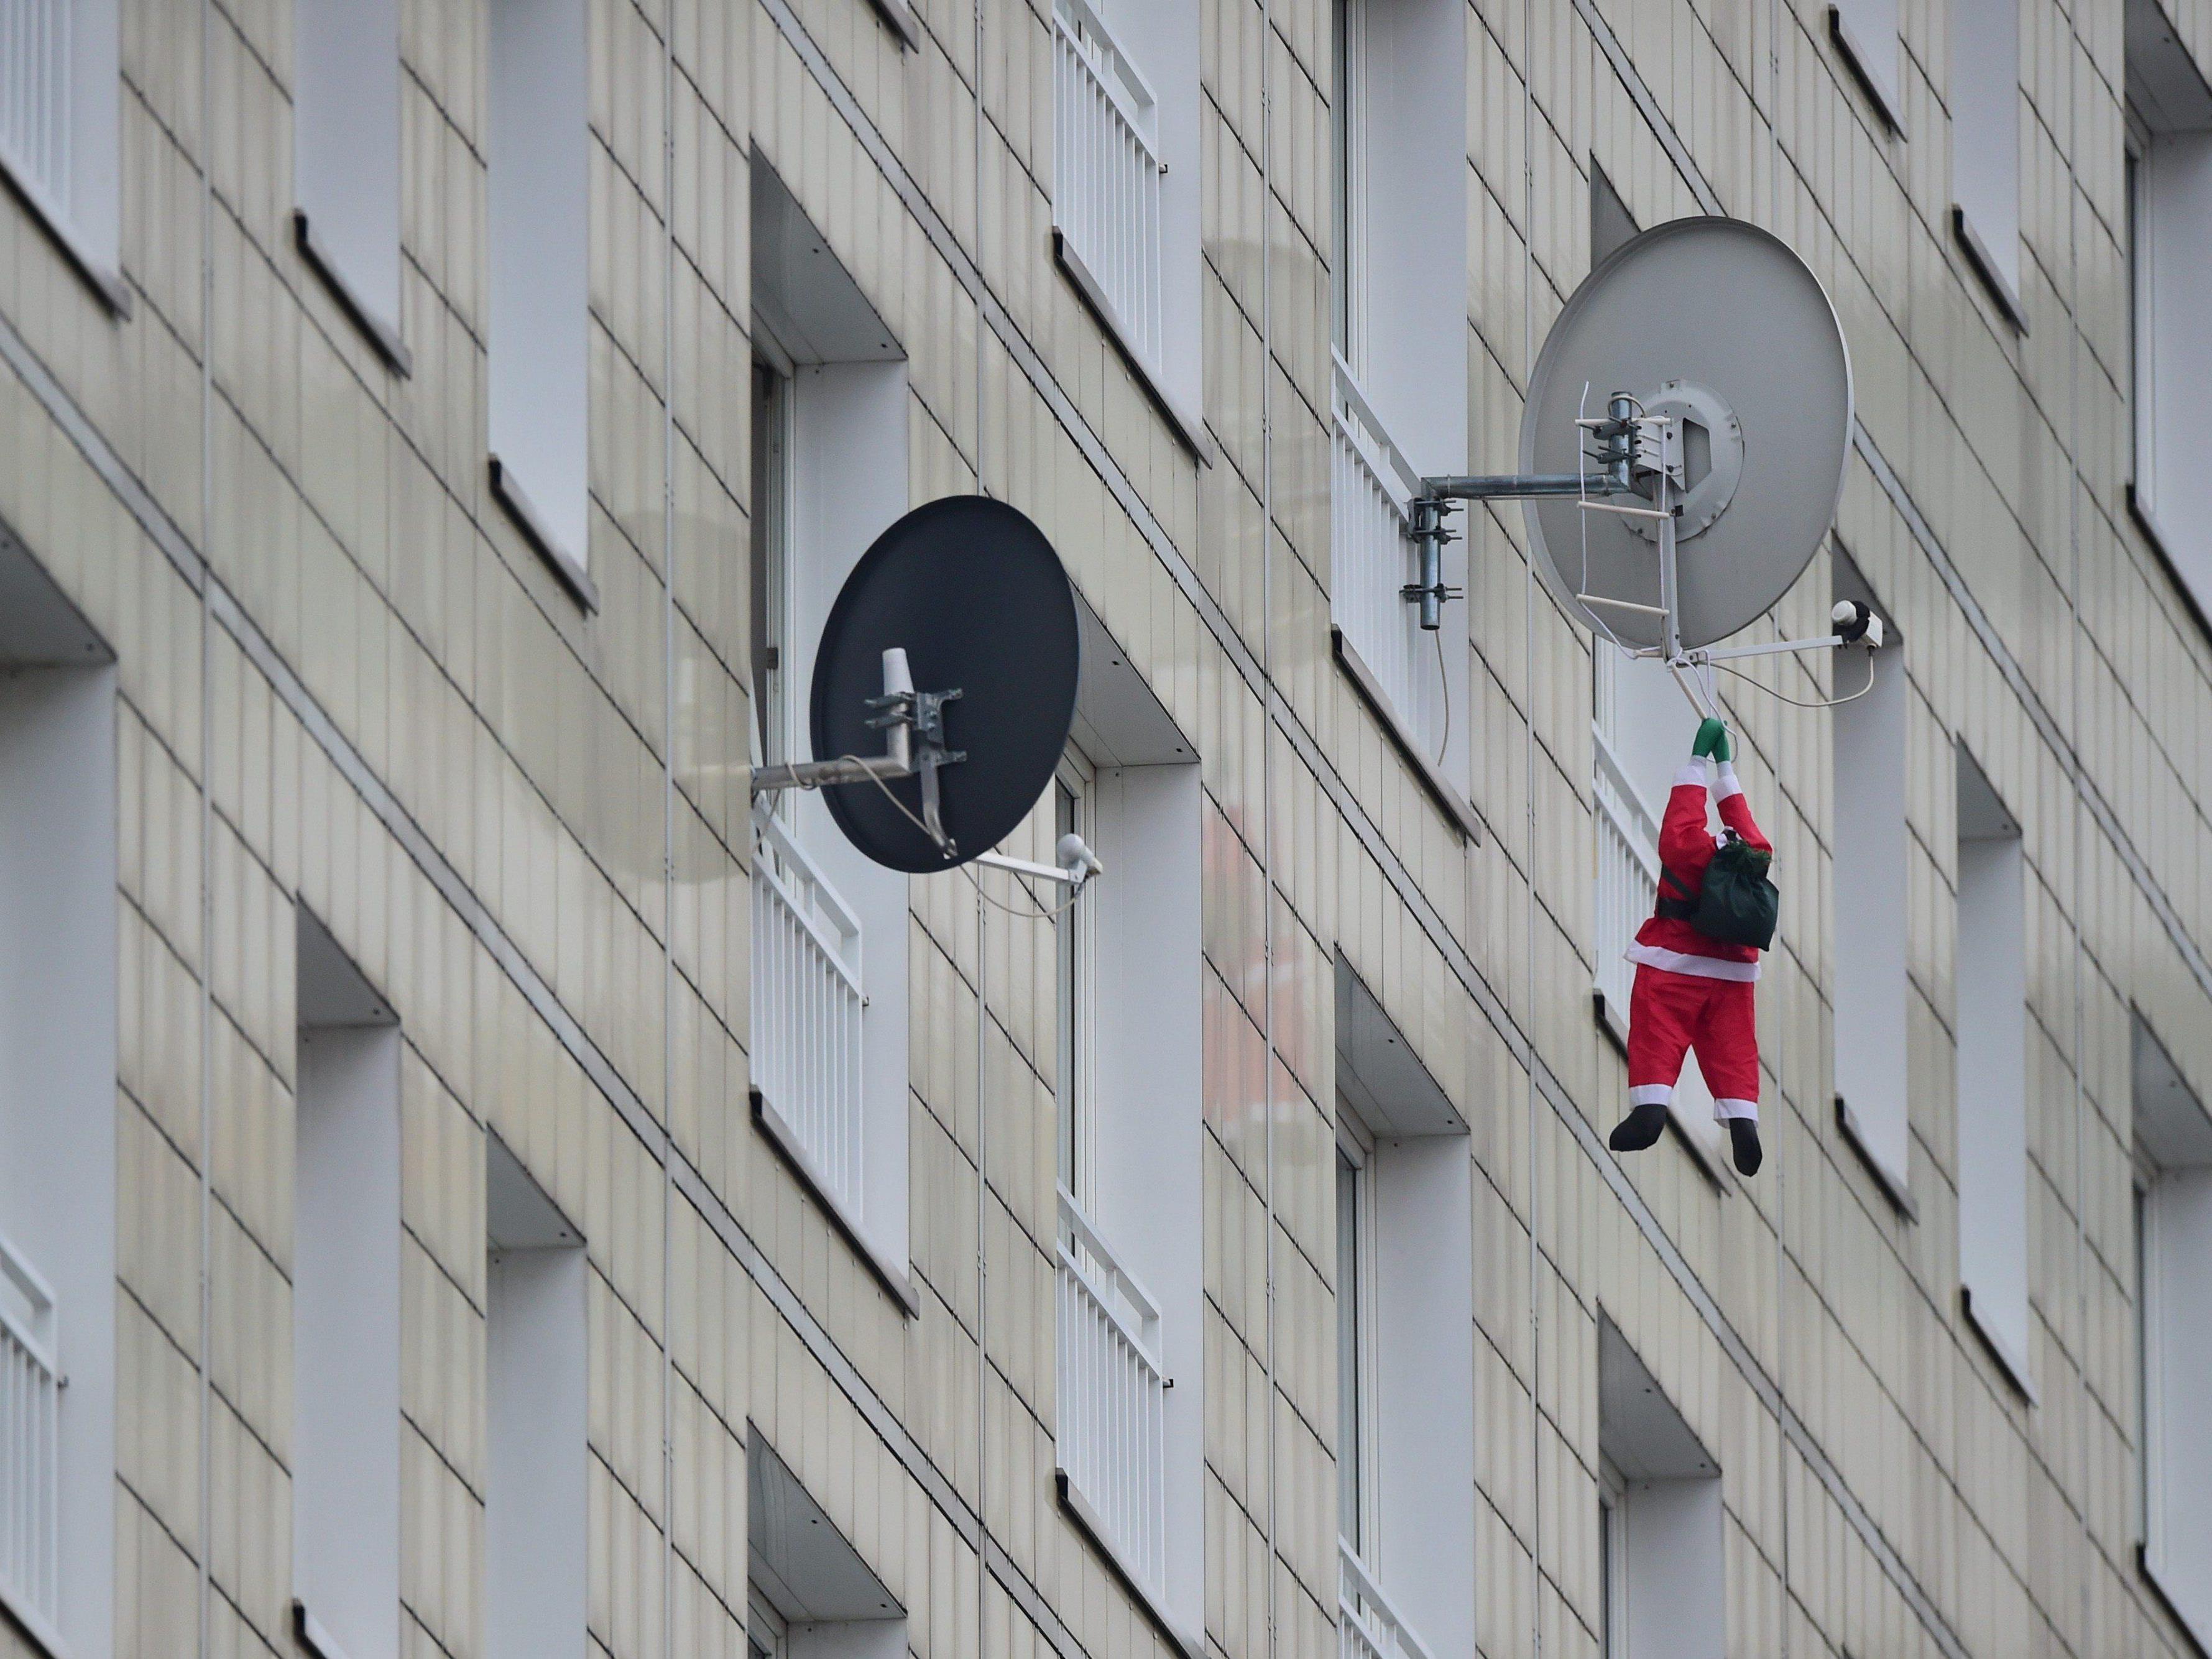 Satellitenkunden müssen für den ORF-Empfang extra zahlen - oder auf eine Weihnachtsüberraschung hoffen.